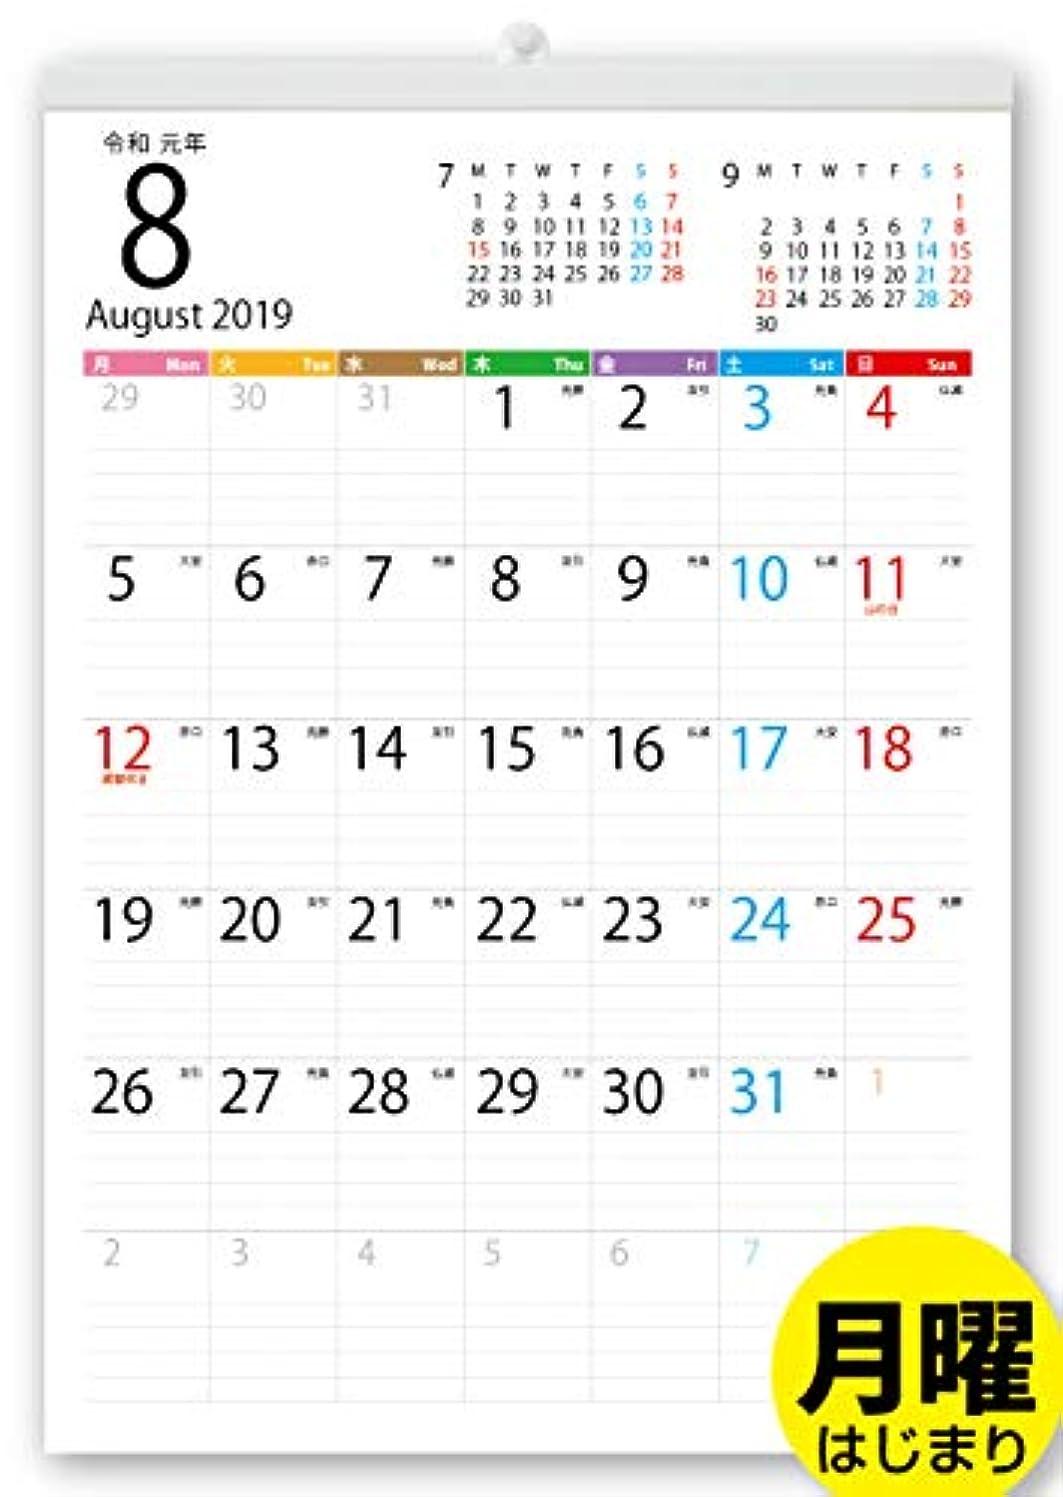 自分自身ホラーセンブランスボーナス付 2019年8月~(2020年8月付)月曜はじまり タテ長ファミリー壁掛けカレンダー(六曜入) A3サイズ[H]